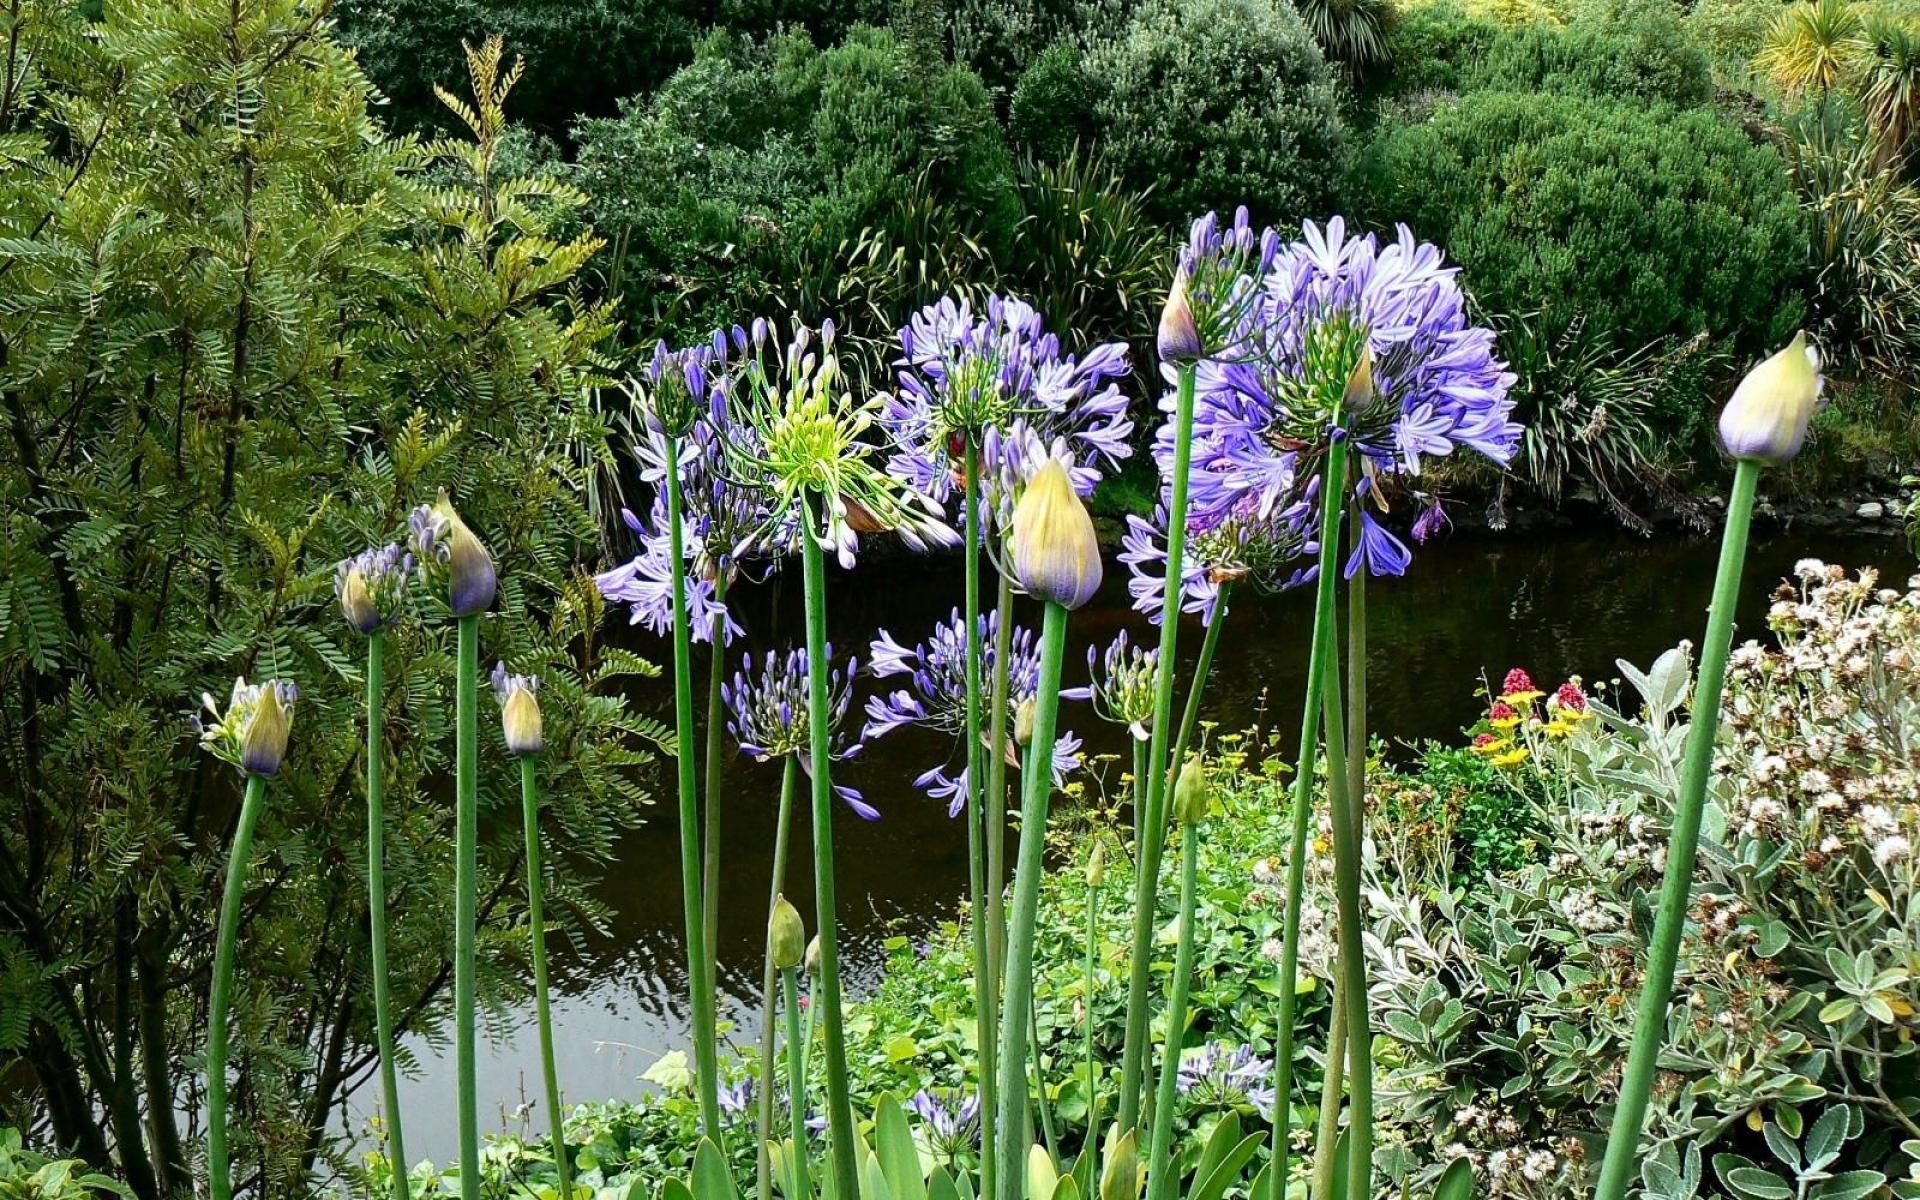 Картинки Агапантус, цветы, склон, парк, вода фото и обои на рабочий стол